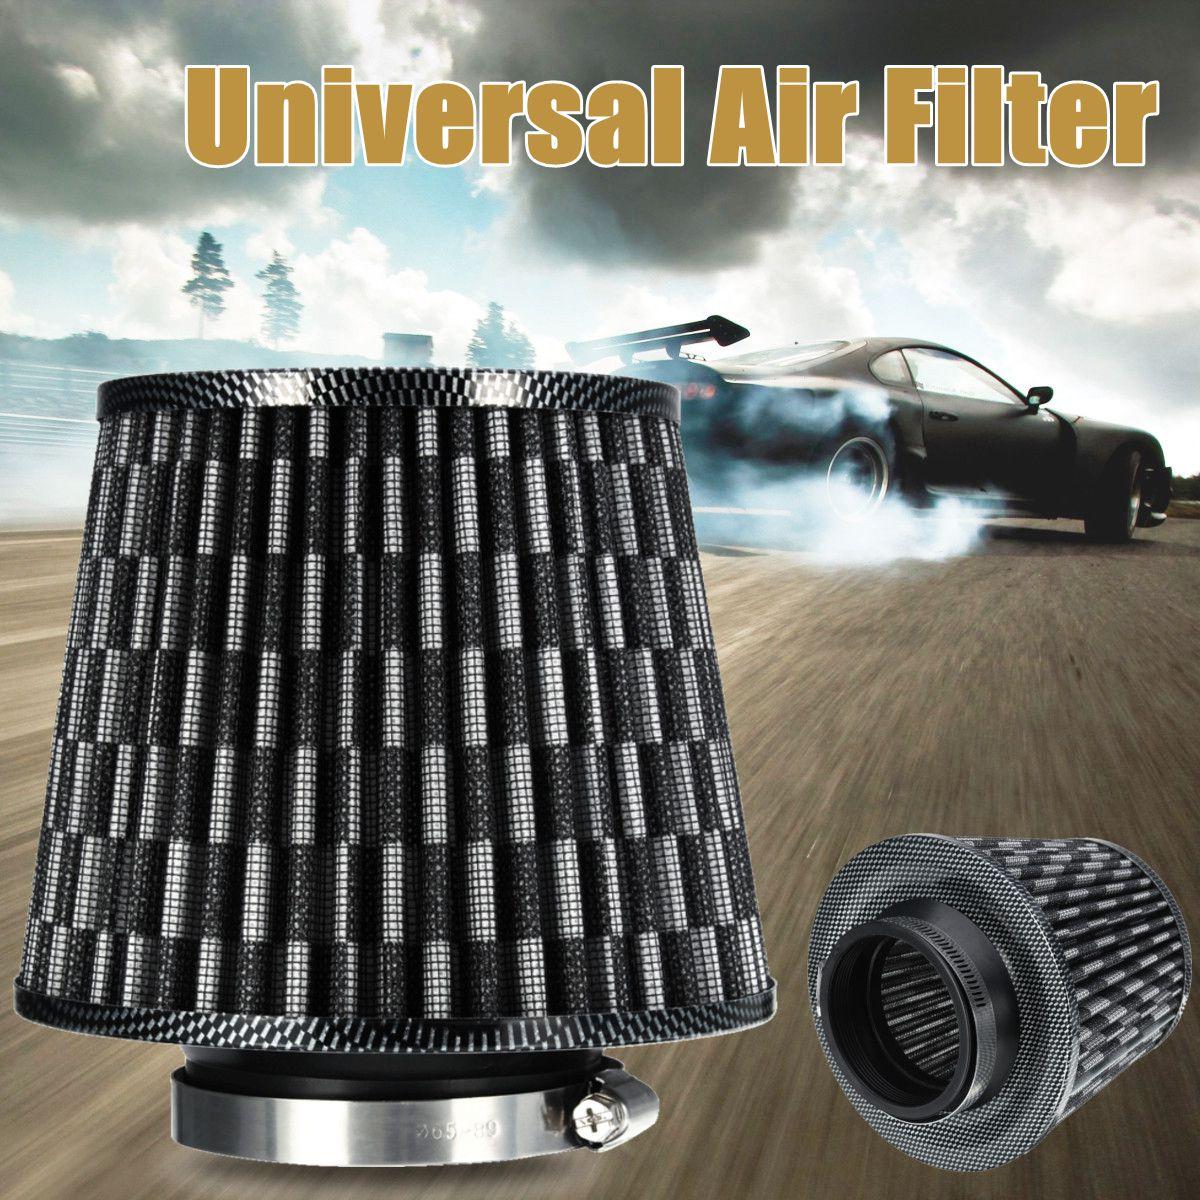 Imparcial Filtro De Aire De Coche Universal 3 76mm Filtro De Aire De Coche Entrada De Alto Flujo Aire Frío Turbo Limpiador De Aire Fibra De Carbono Terminar